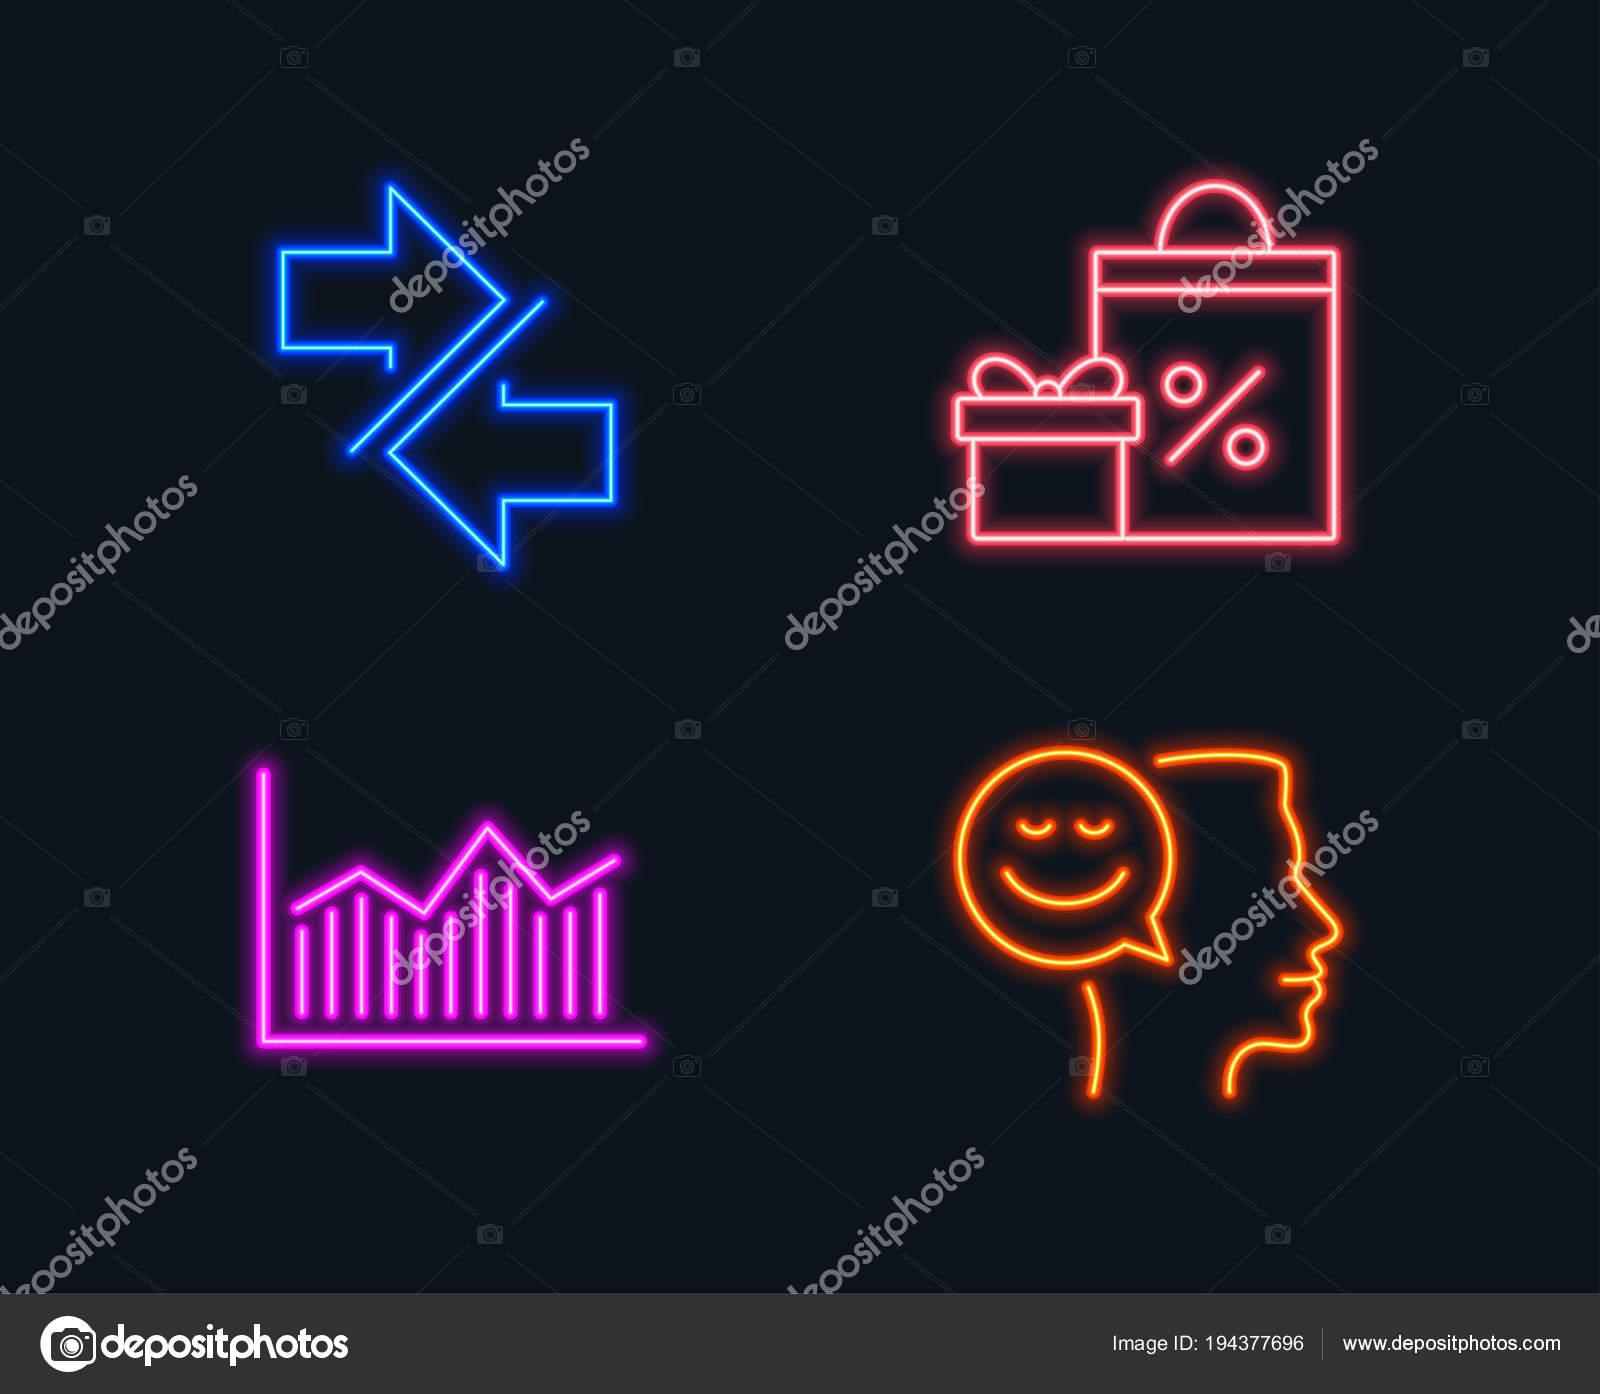 neon verlichting set van shopping synchroniseren geld diagram iconen goed stockvector